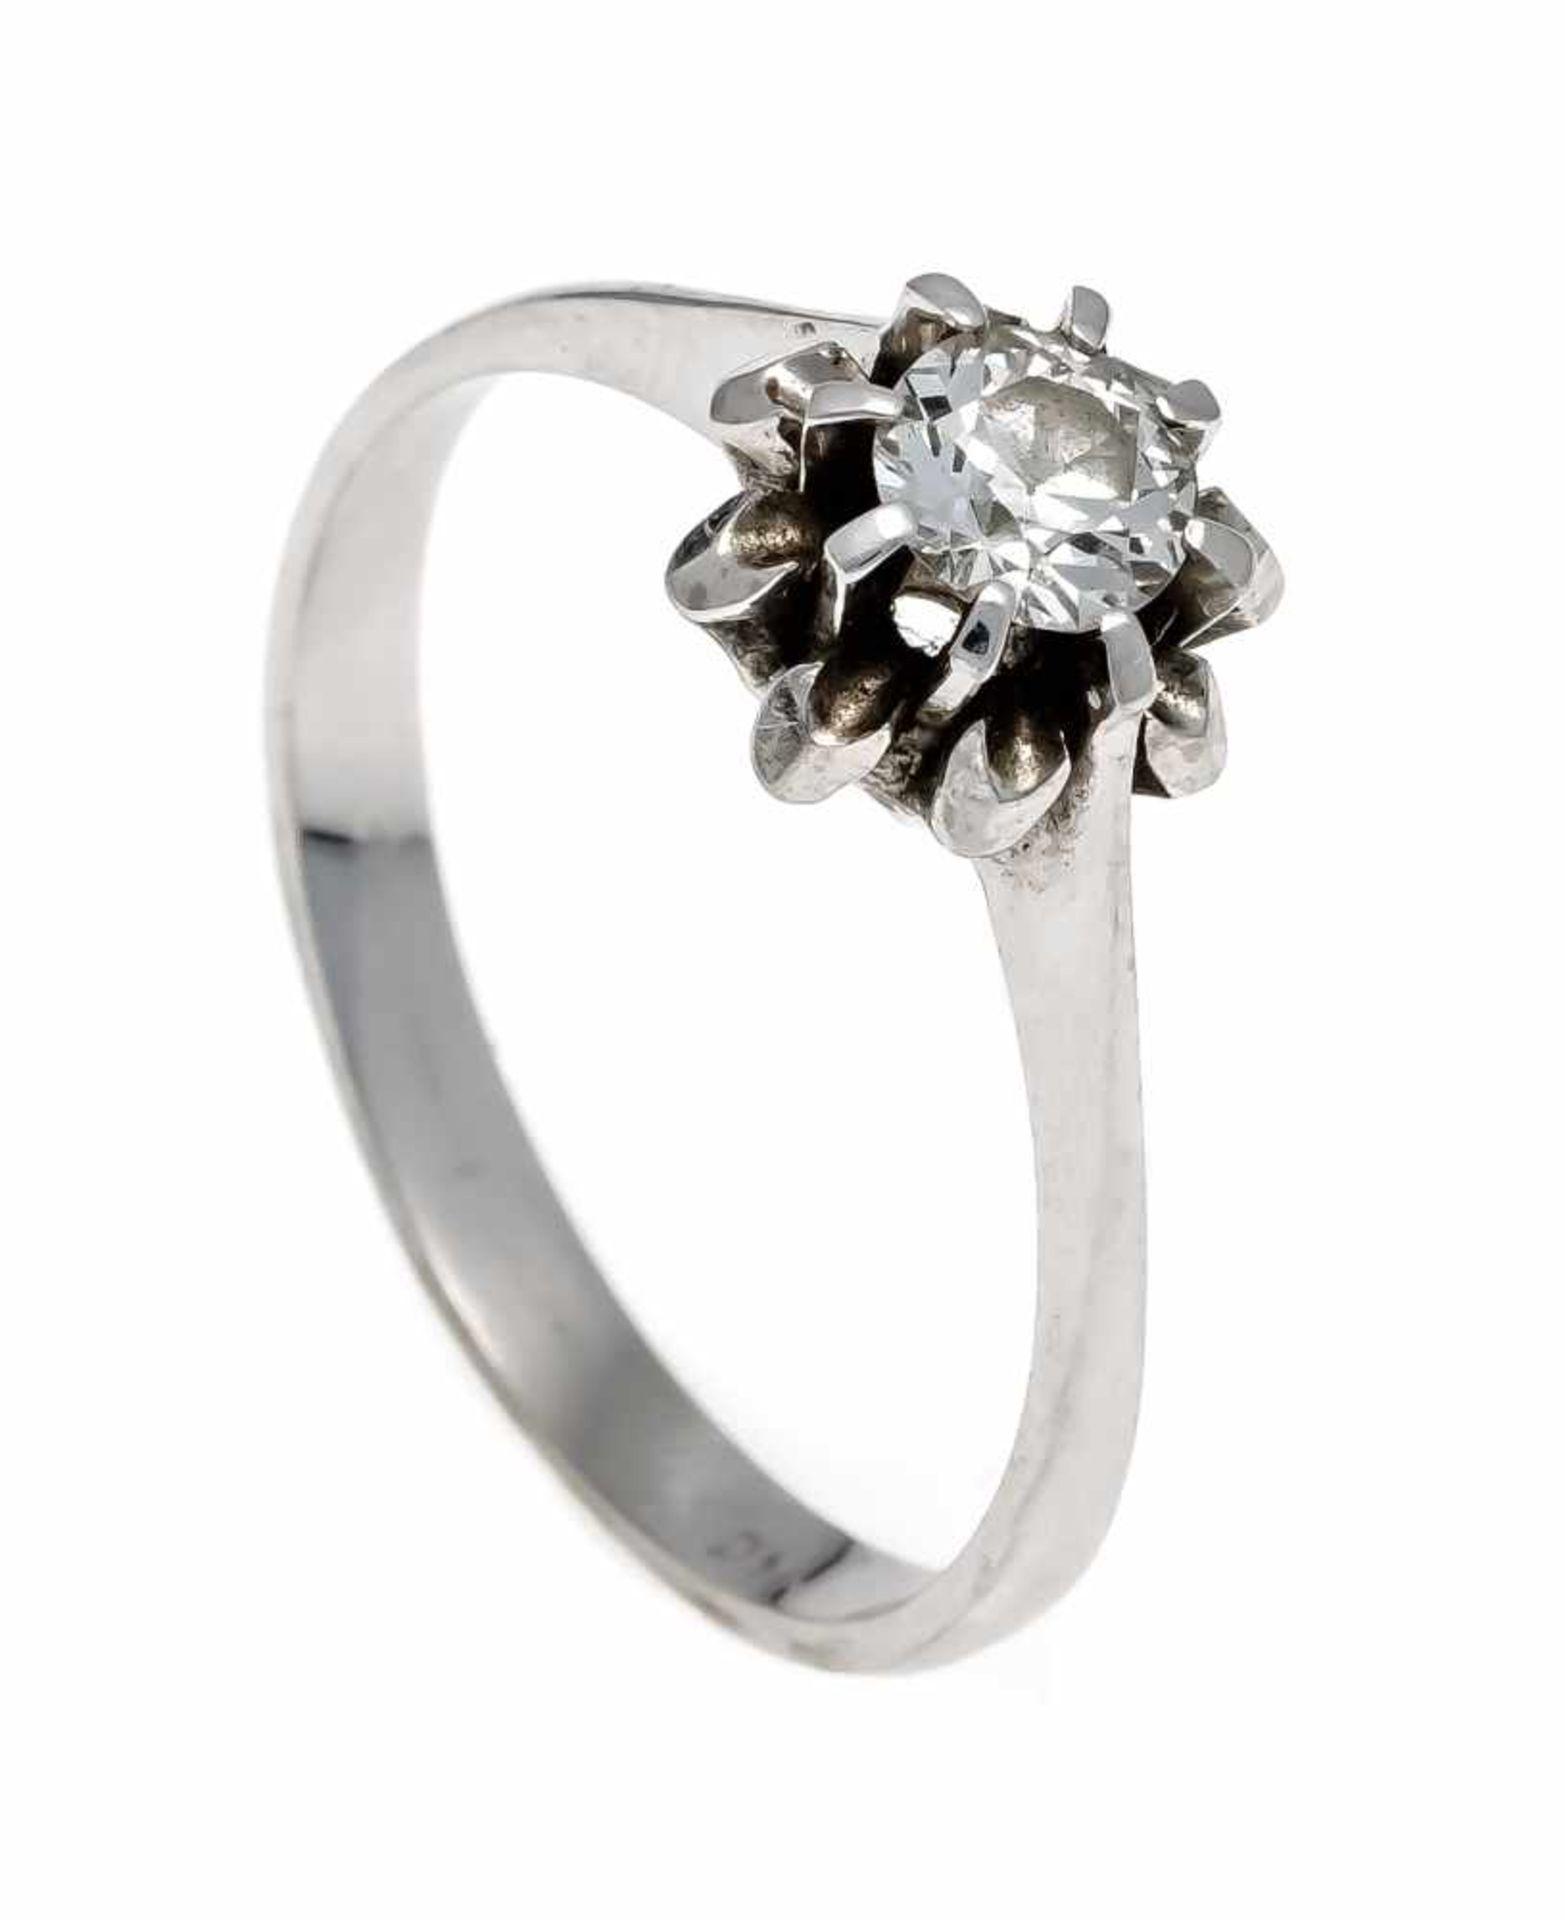 Altschliff-Diamant-Ring WG 750/000 mit einem Altschliff-Diamanten 0,38 ct l.get.W/VS-SI, RG 57, 3,